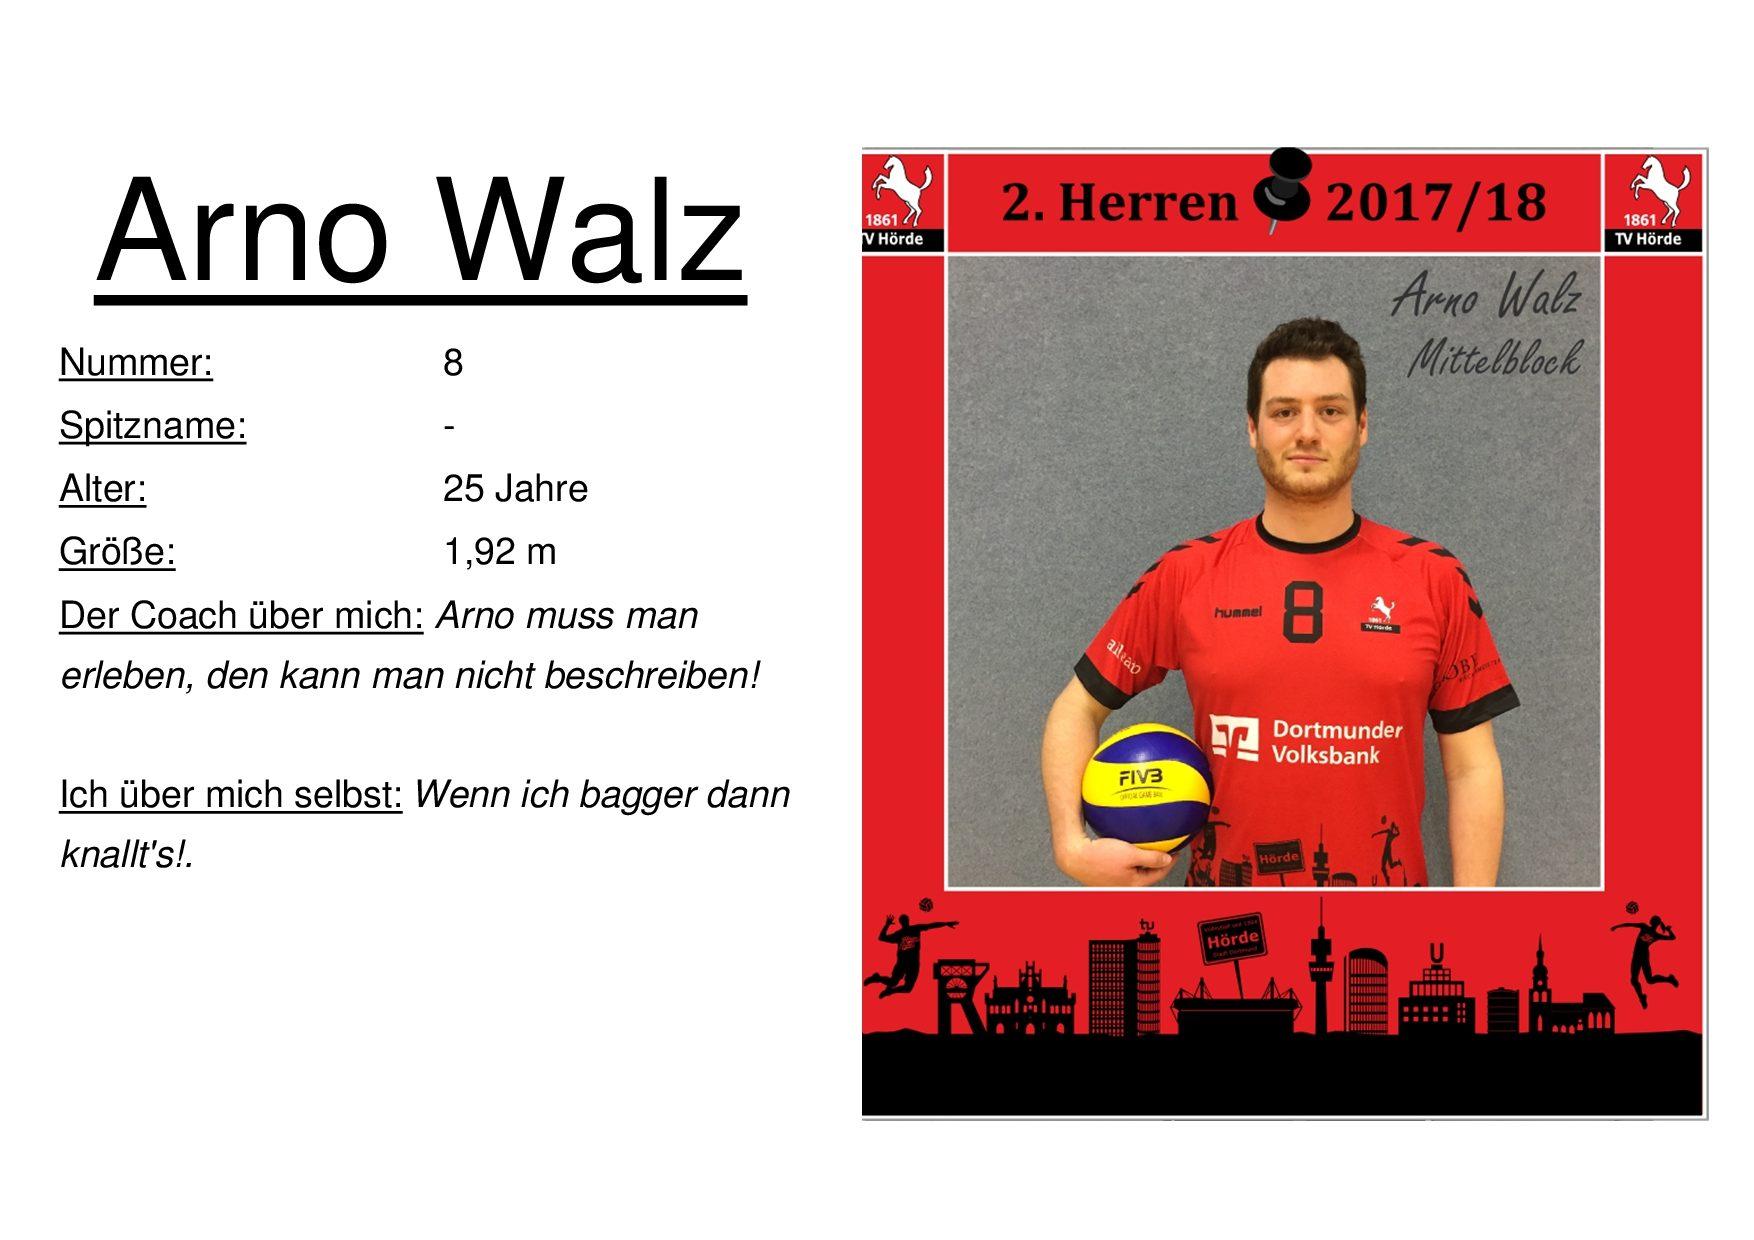 Arno Walz